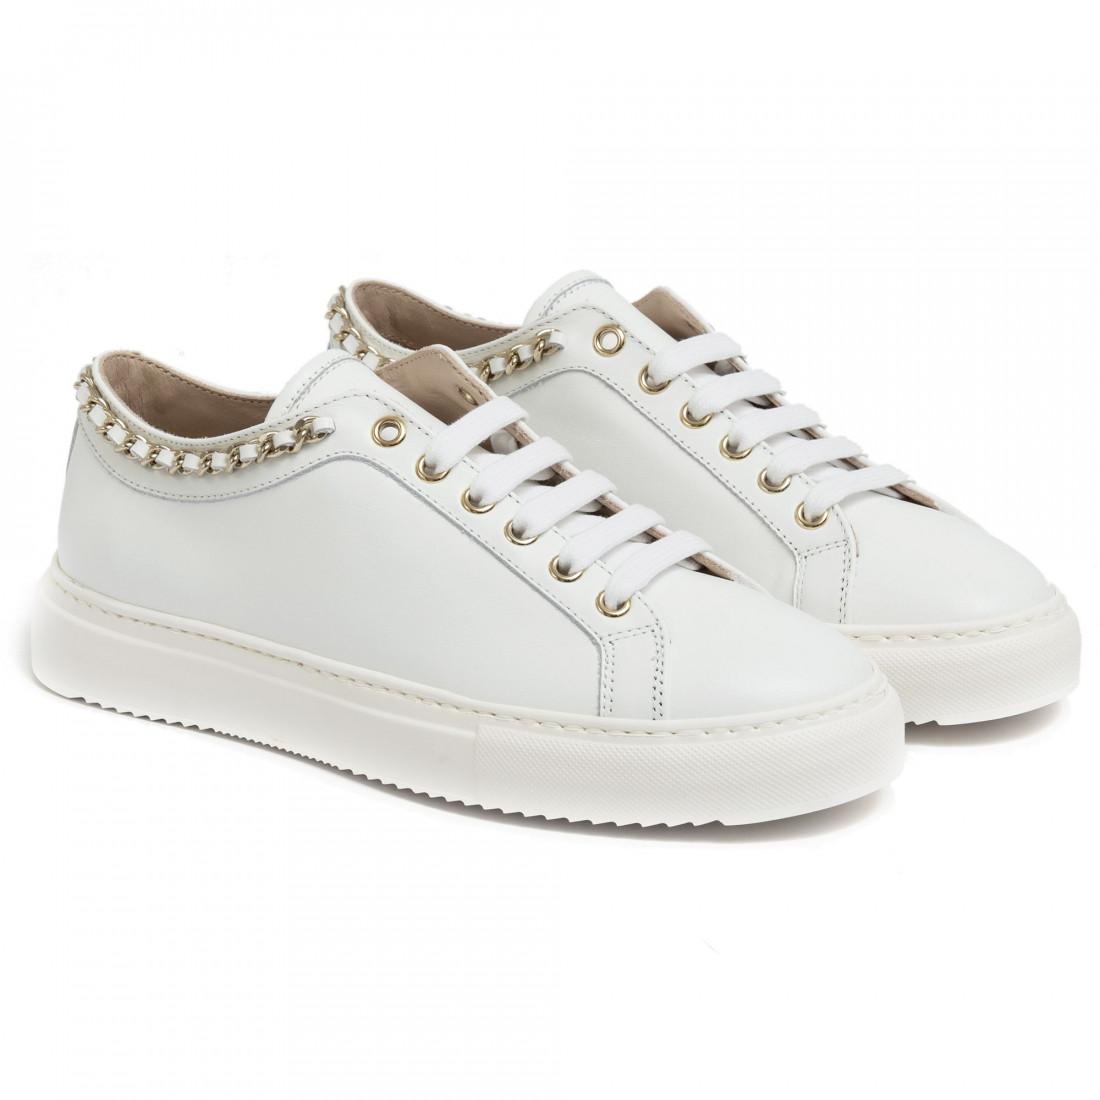 sneakers woman stokton 110dvit accbianco 7180